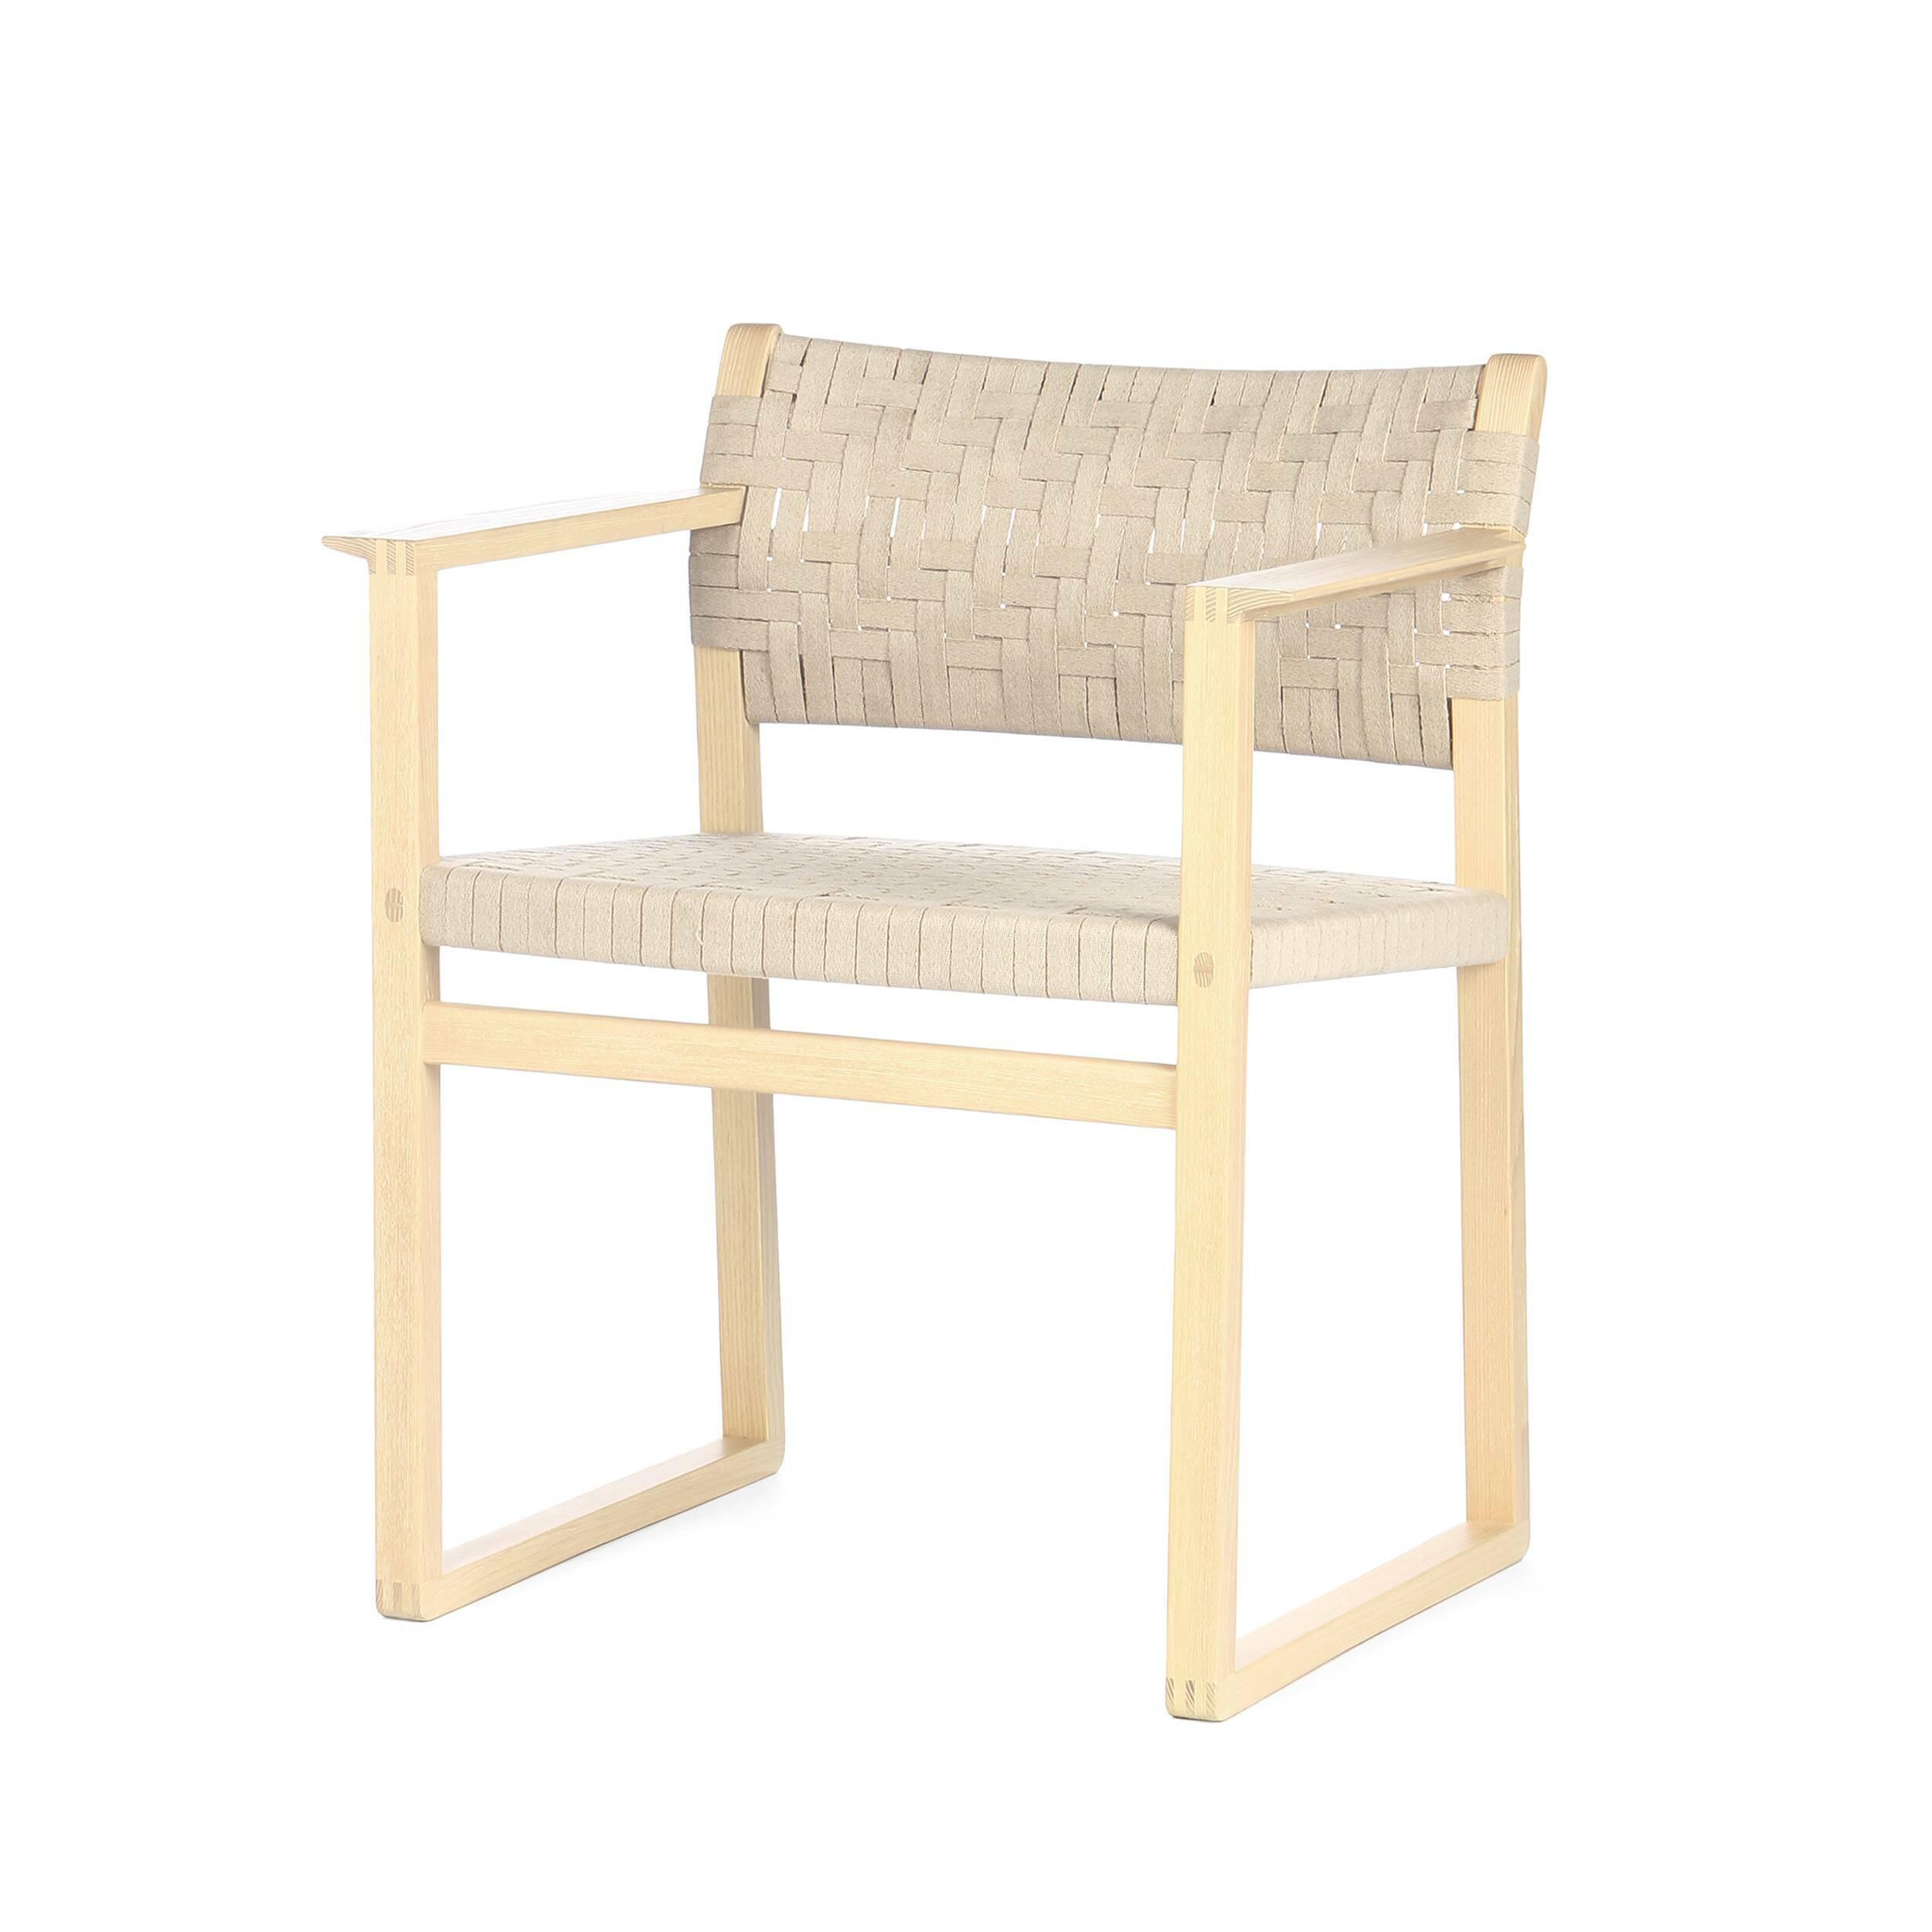 Стул BMИнтерьерные<br>Дизайнерский белый деревянный стул BM (БМ) из массива ясеня с кордовым сиденьем и спинкой от Cosmo (Космо).<br><br> Стул ВМ – это яркий и приятный представитель домашней, уютной и приносящей тепло мебели, которая отлично подойдет как к домашнему интерьер, квартиры, загородного дома, так и к общественному месту, в котором интерьер максимально приближен по стилю натуральным природным мотивам. Определенно стоит отметить, что он не будет блеклым и незаметным, поскольку дизайнерский стул ВМ – это ульт...<br><br>stock: 8<br>Высота: 75<br>Ширина: 61<br>Глубина: 50<br>Материал каркаса: Массив ясеня<br>Тип материала каркаса: Дерево<br>Цвет сидения: Бежевый<br>Тип материала сидения: Корд бумажный<br>Цвет каркаса: Белый